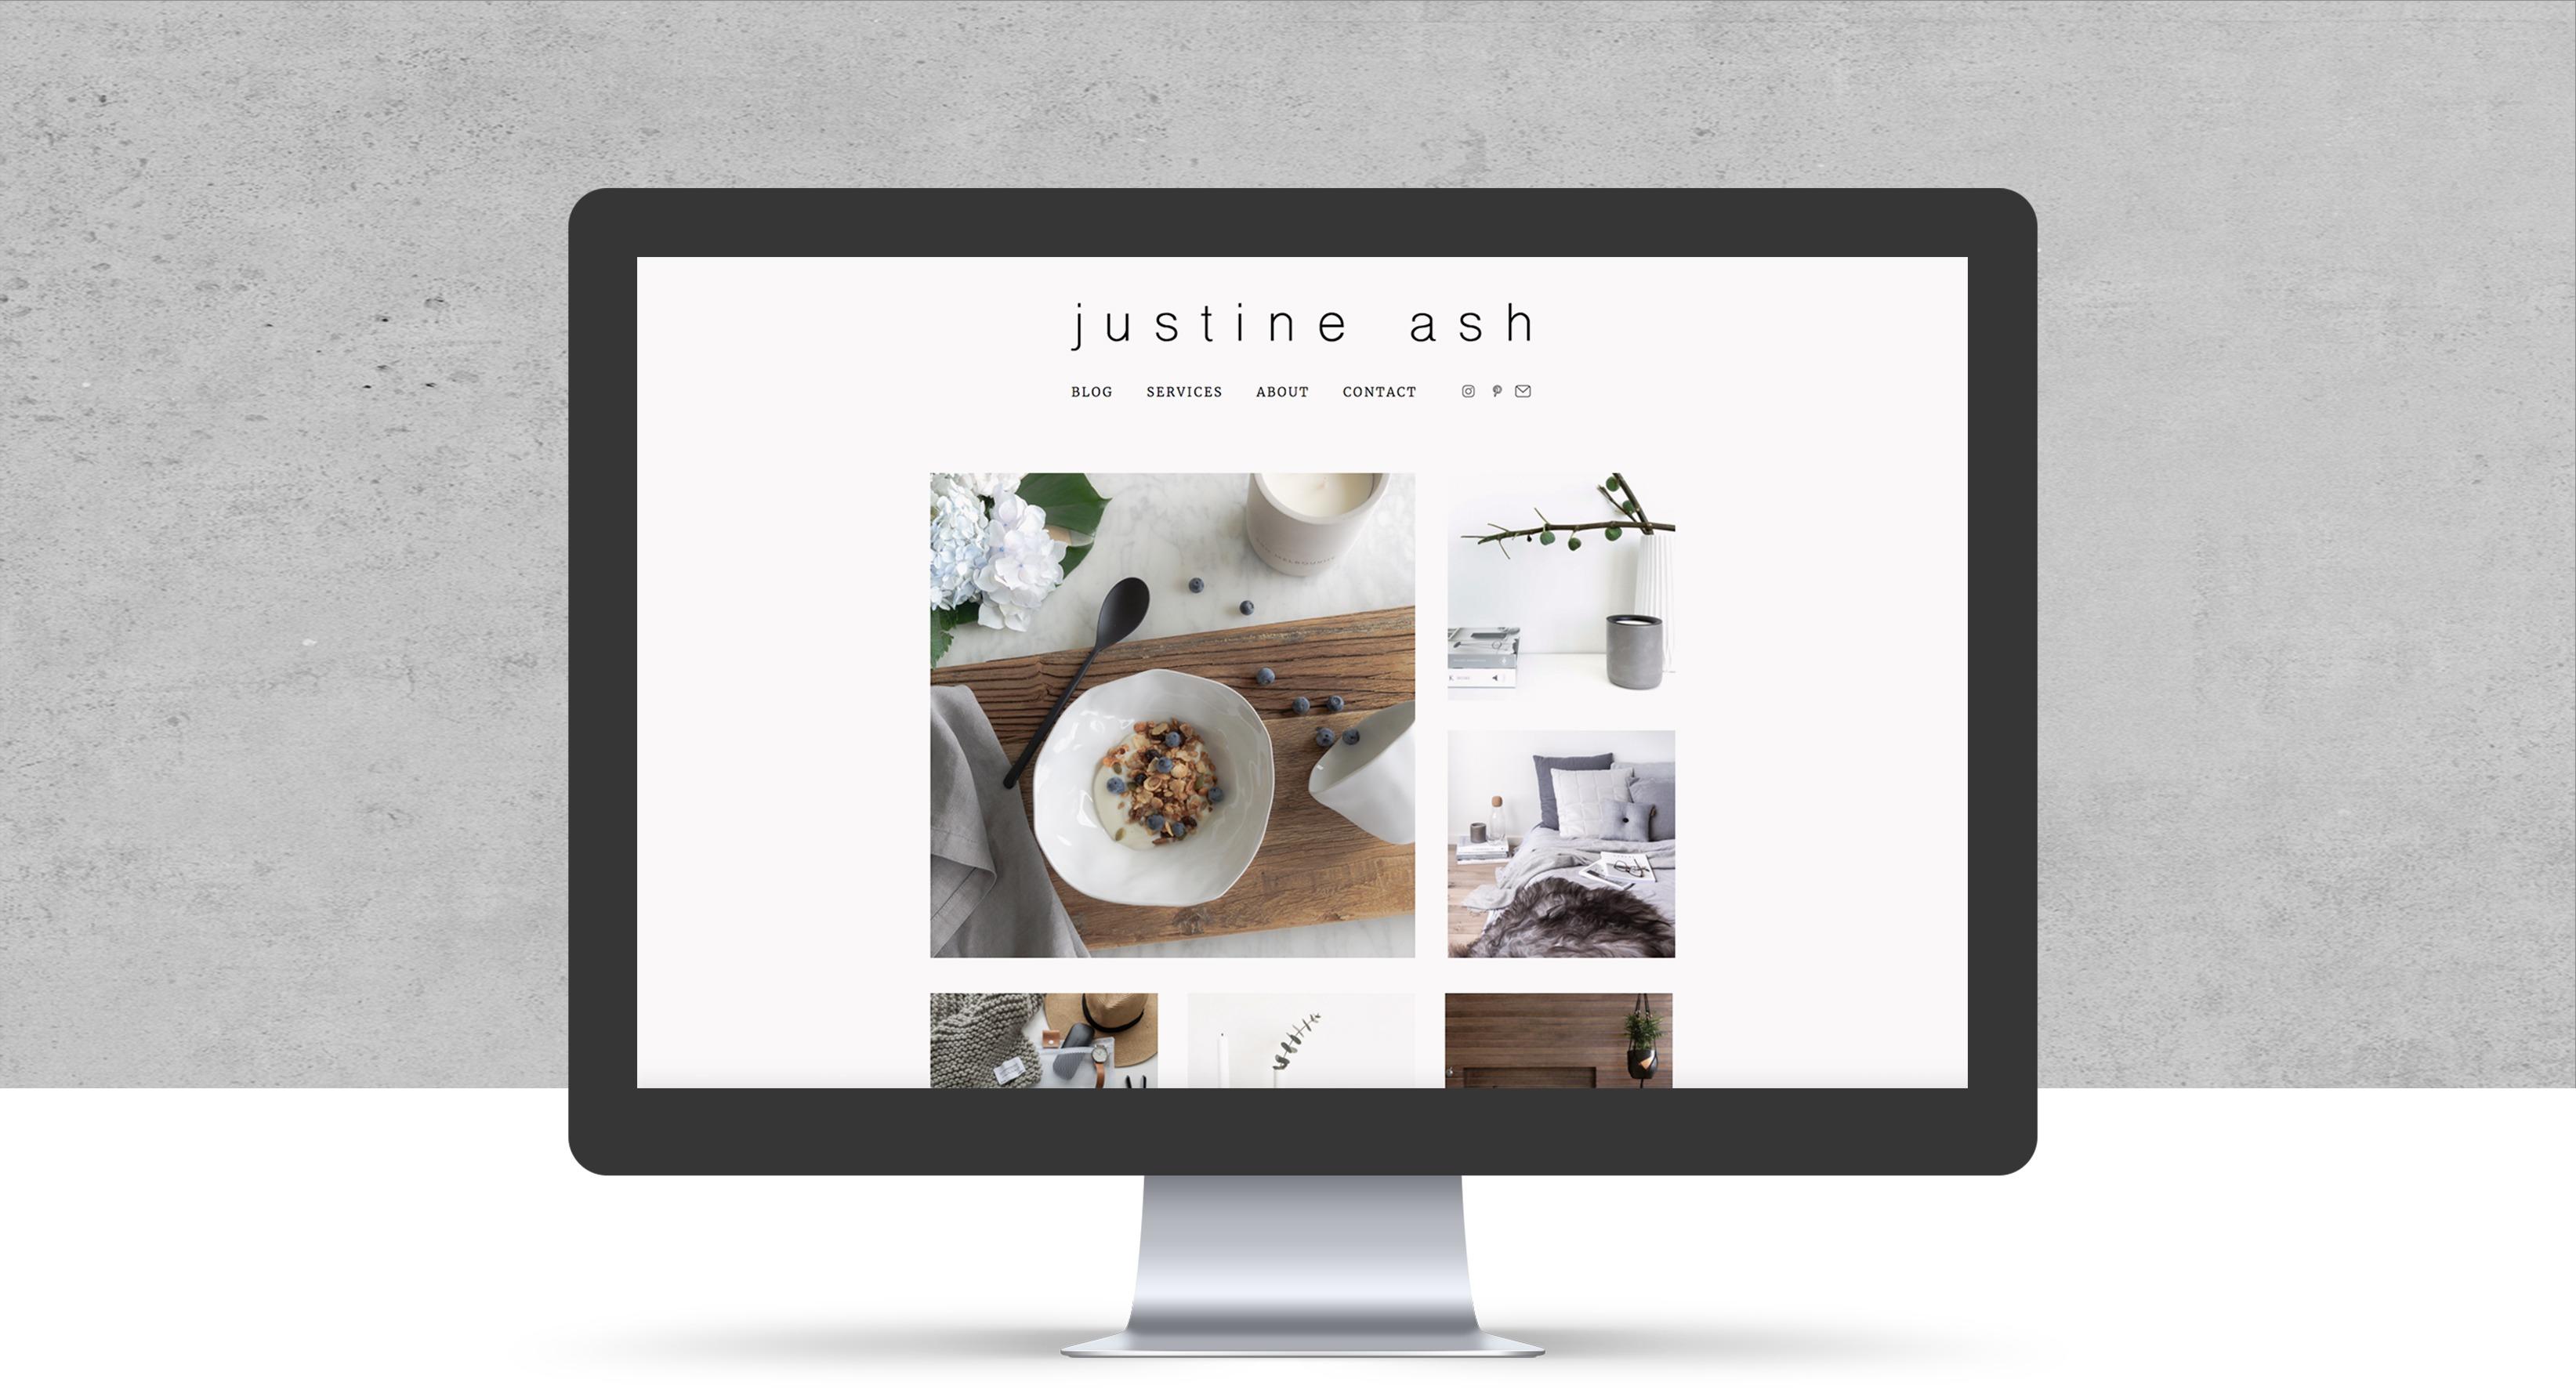 Justine Ash website design home page